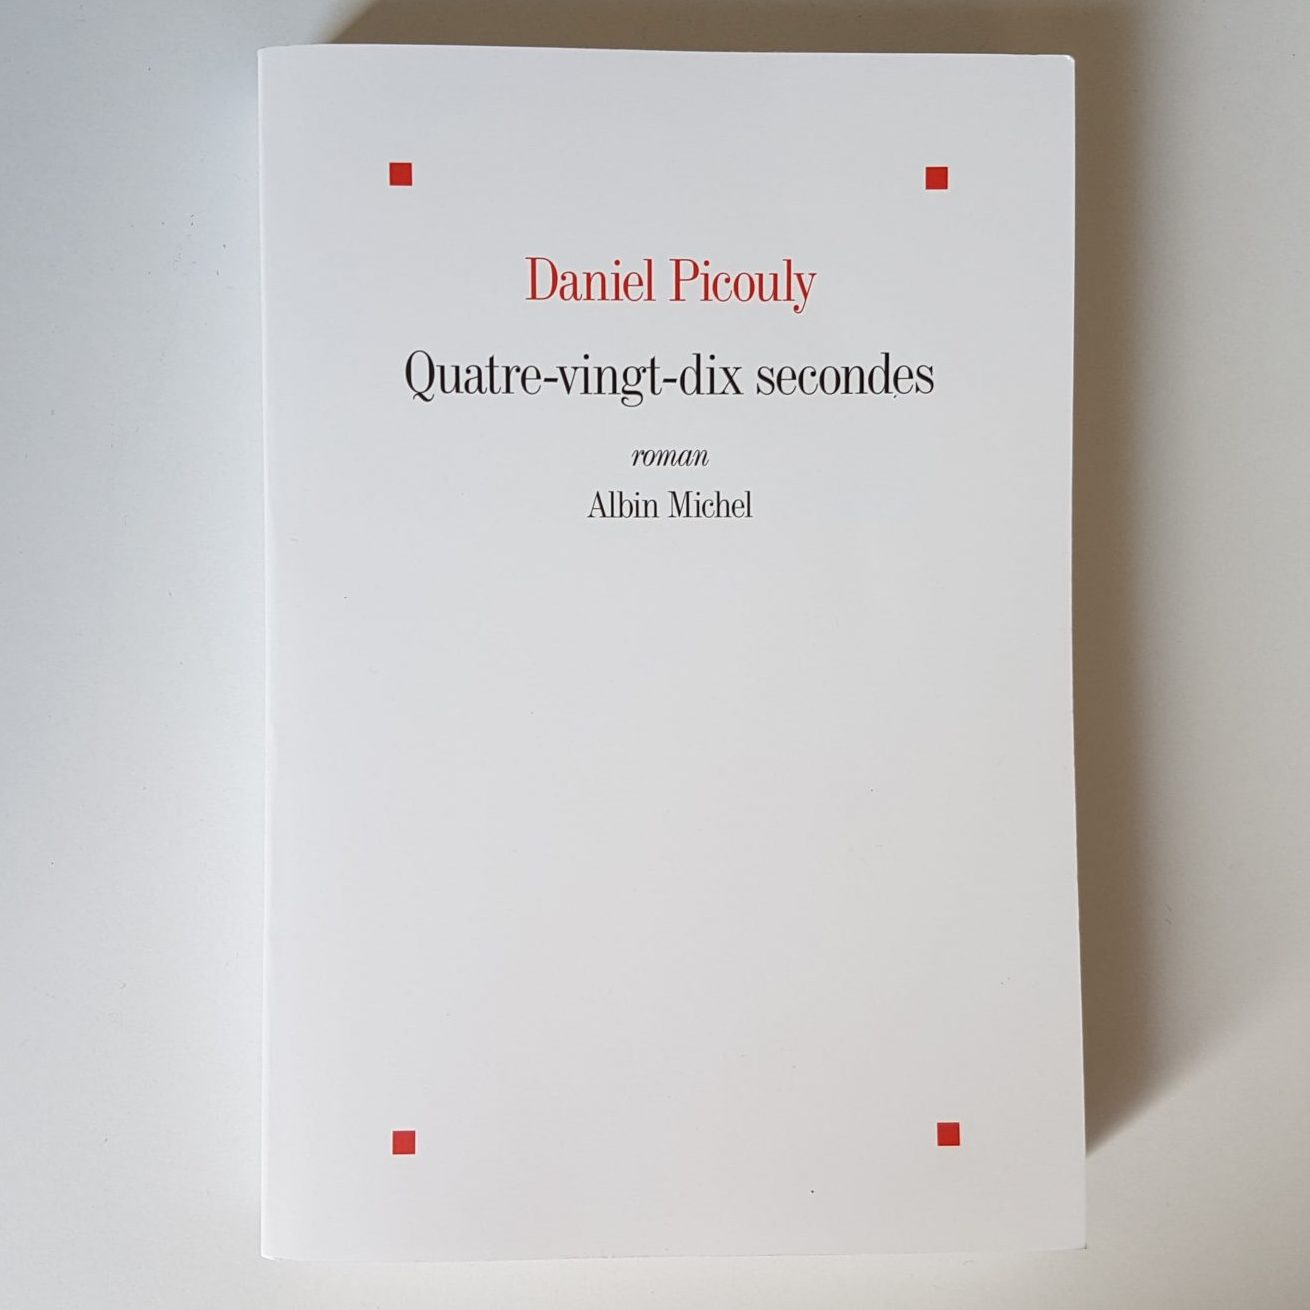 Quatre-vingt-dix secondes _ Daniel Picouly